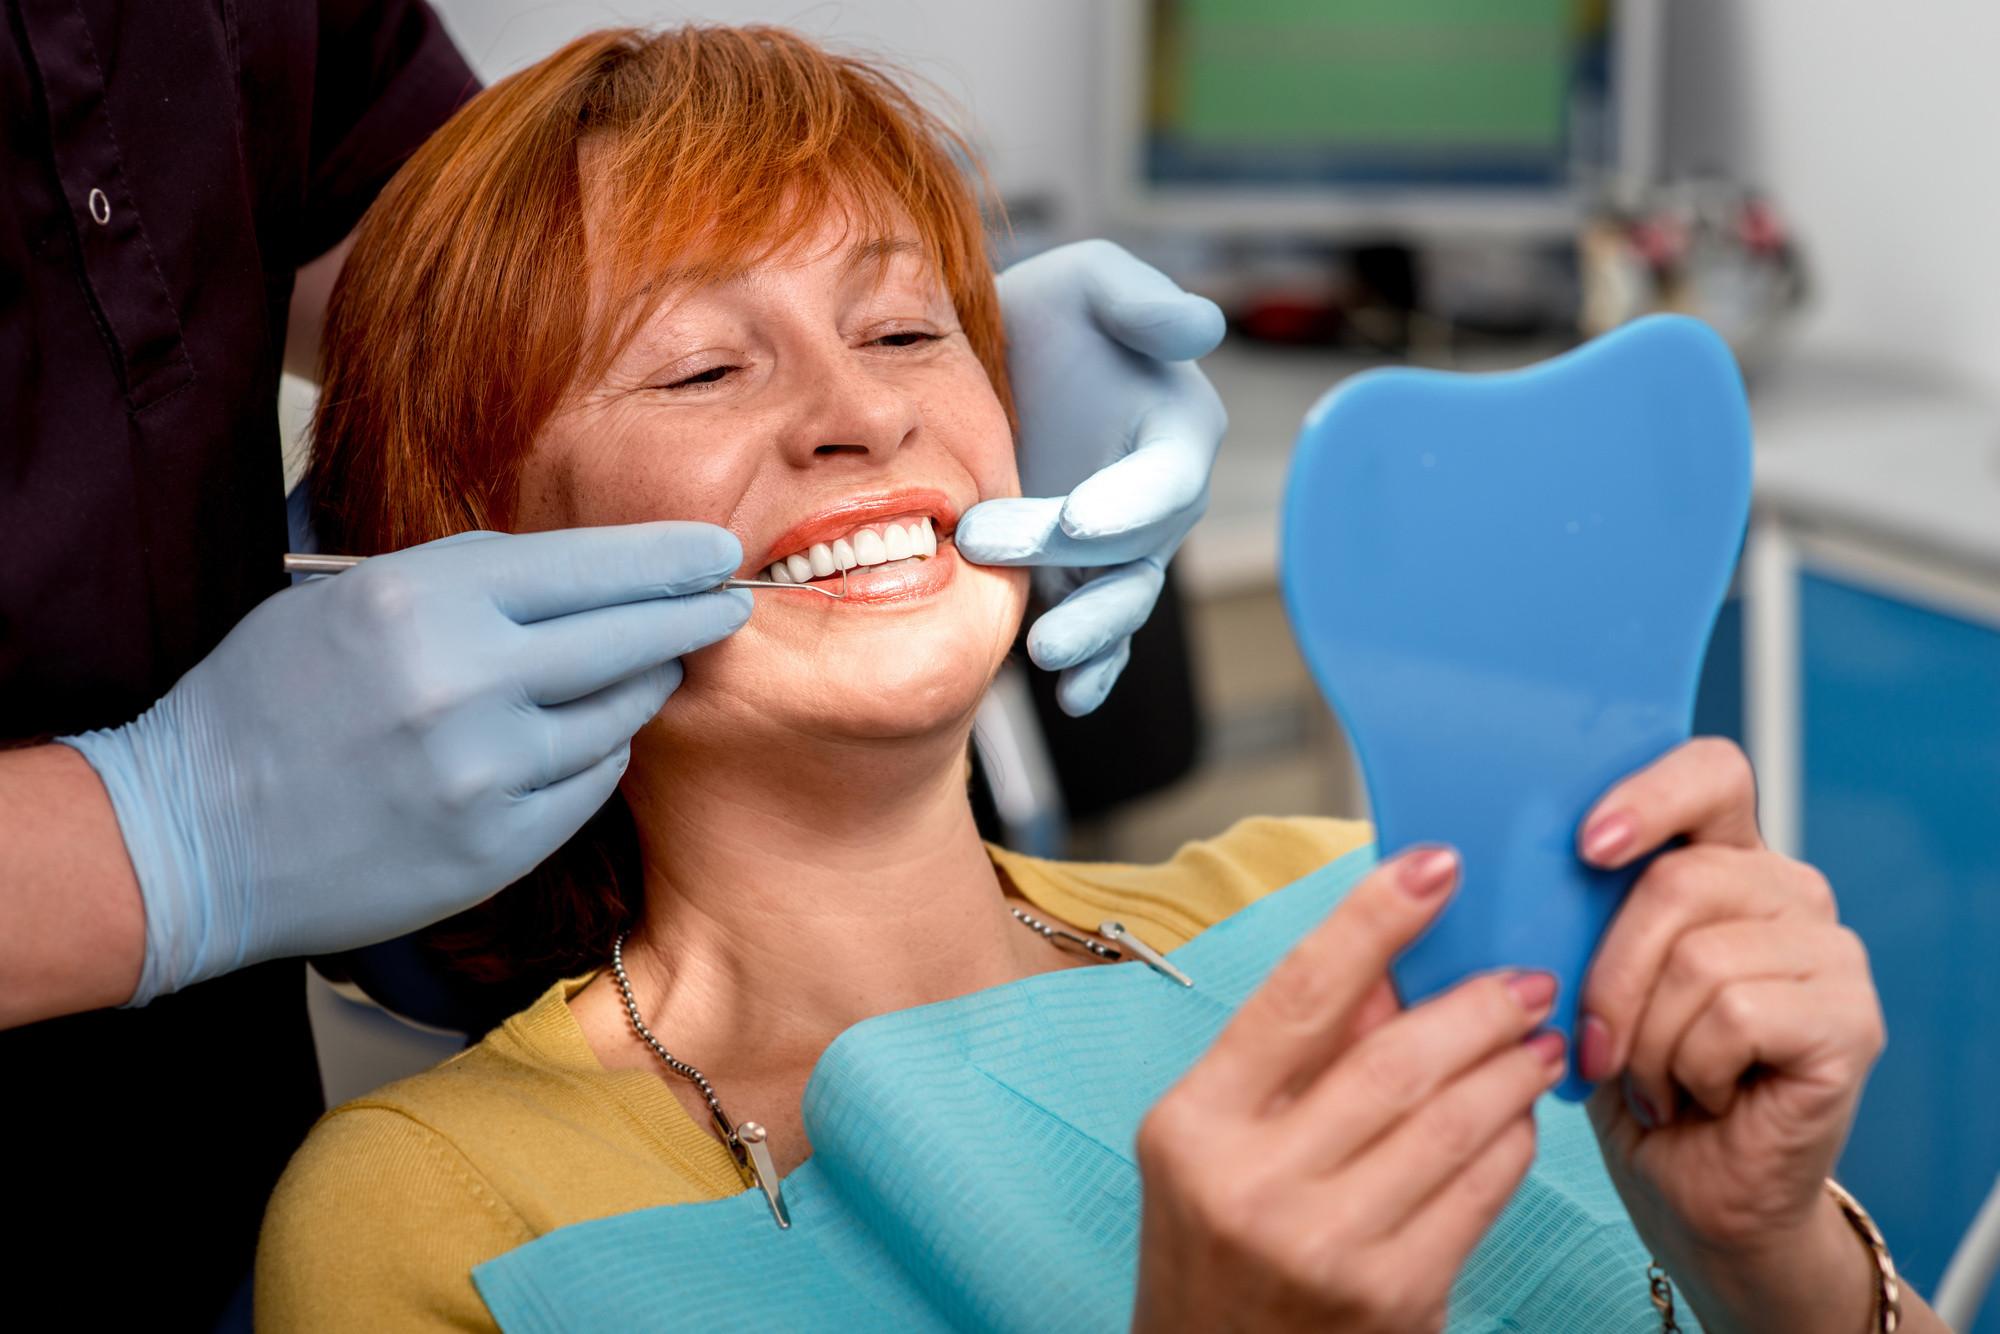 Заморозка зуба: все, что нужно знать пациентам